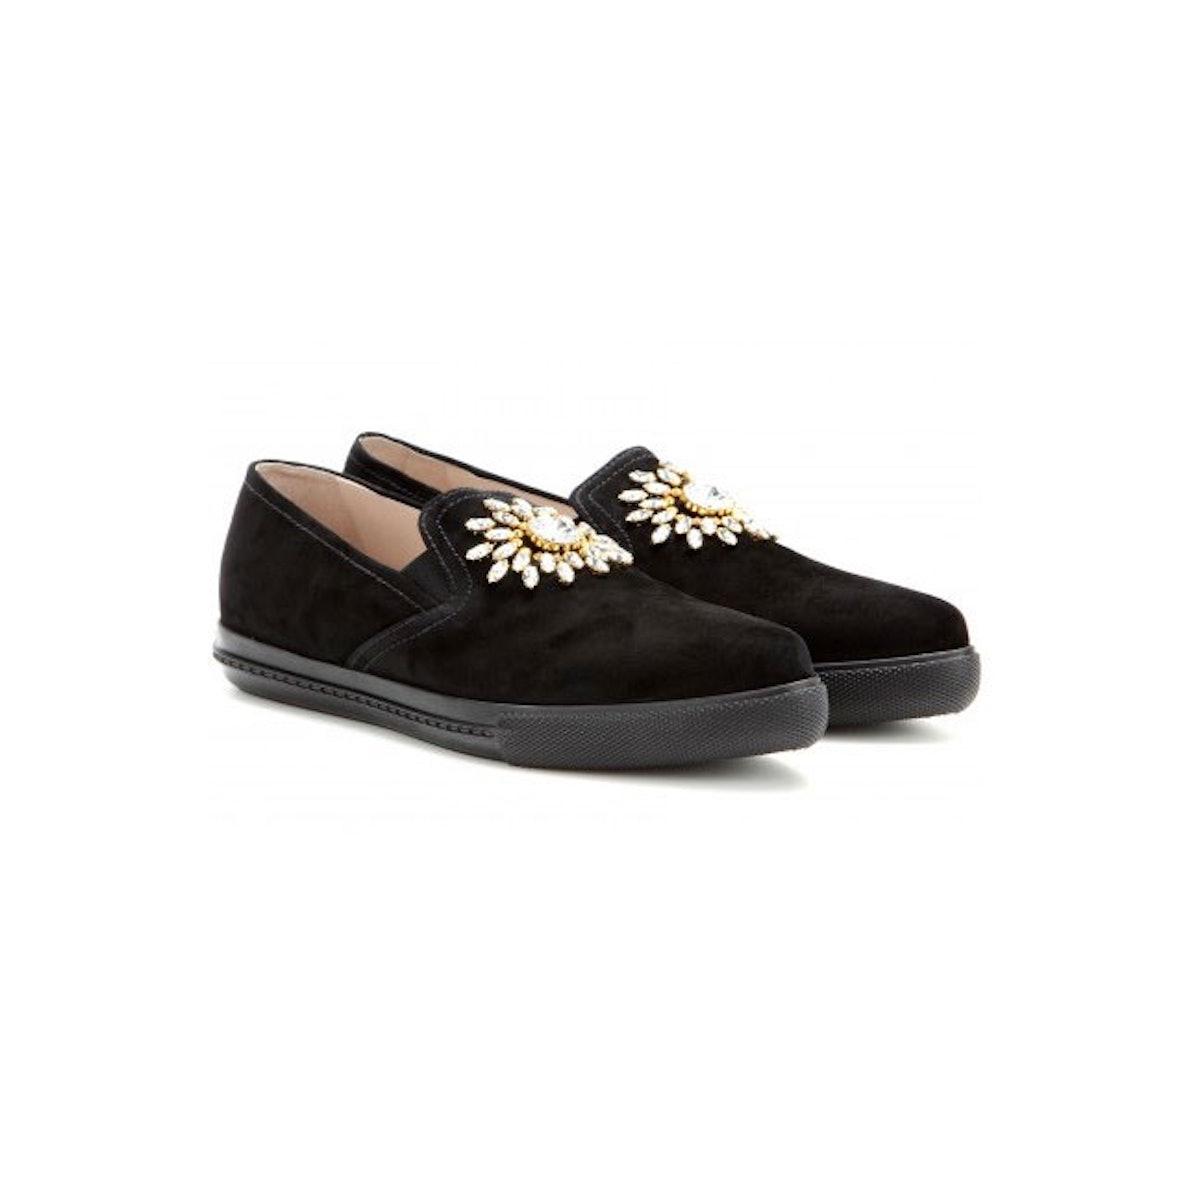 Miu Miu velvet shoes